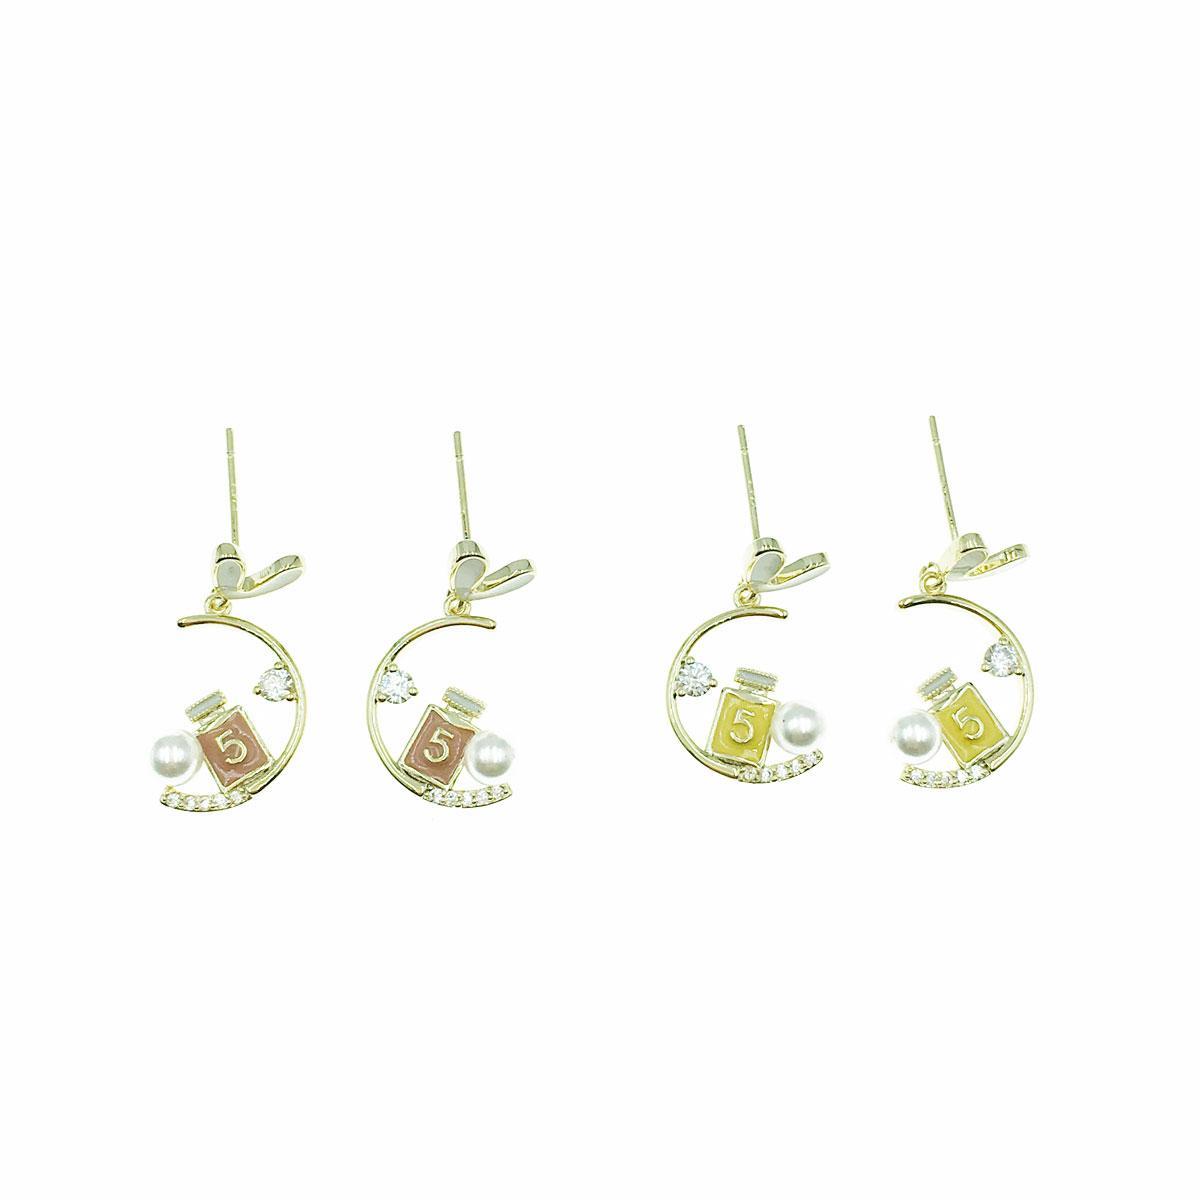 韓國 925純銀 水鑽 珍珠 愛心 小香瓶 垂墜感 兩色 耳針式 耳環